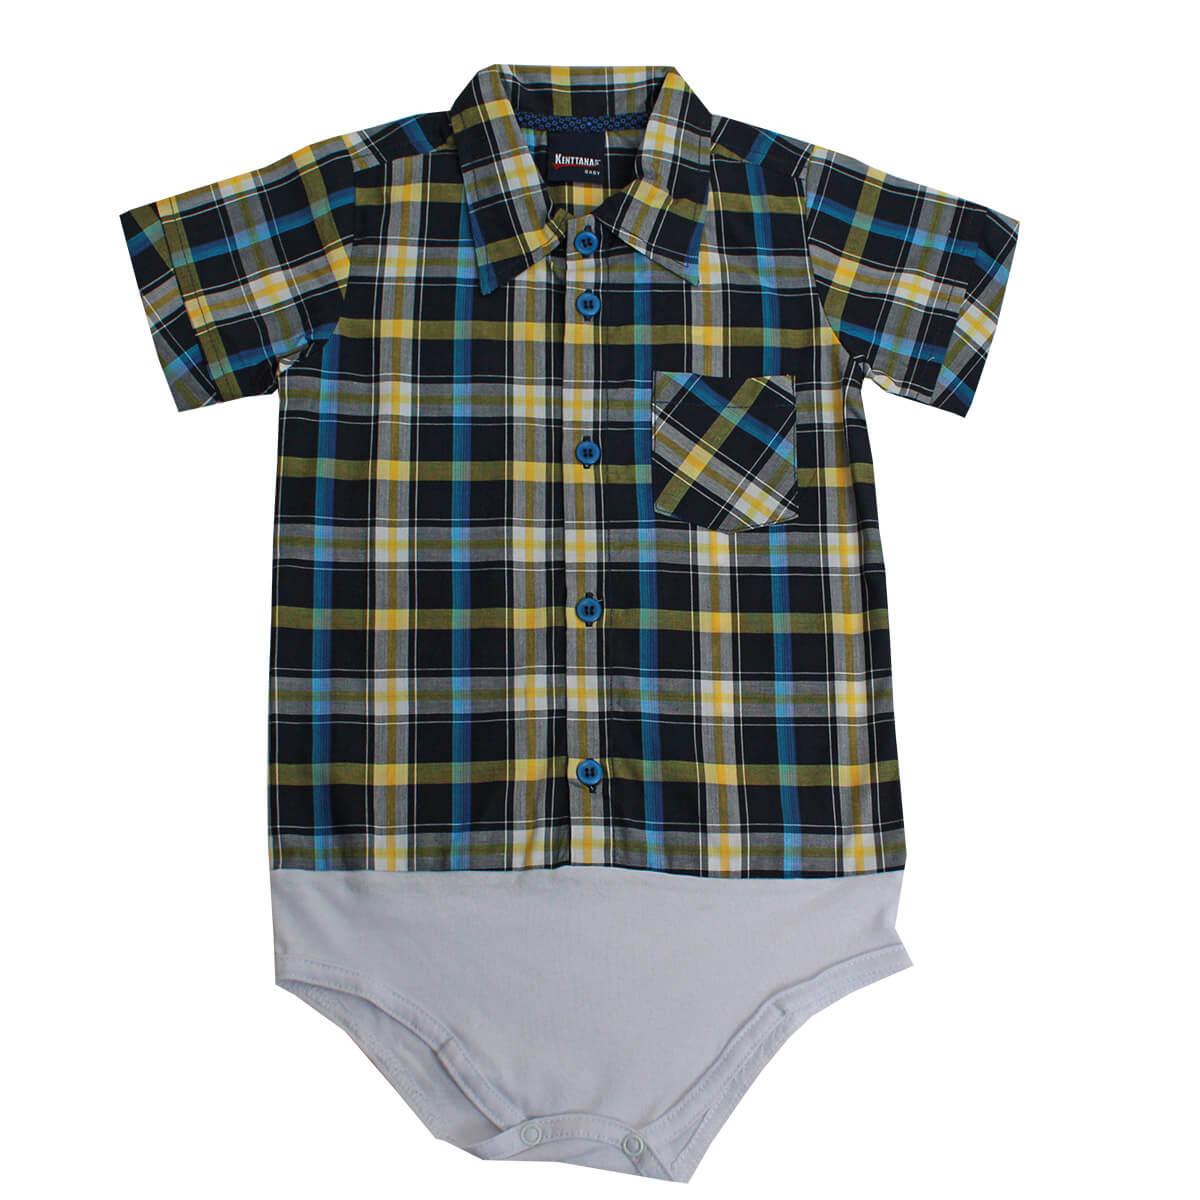 Body De Bebê Kenttana Masculino Curta Xadrez Azul Marinho E Amarelo